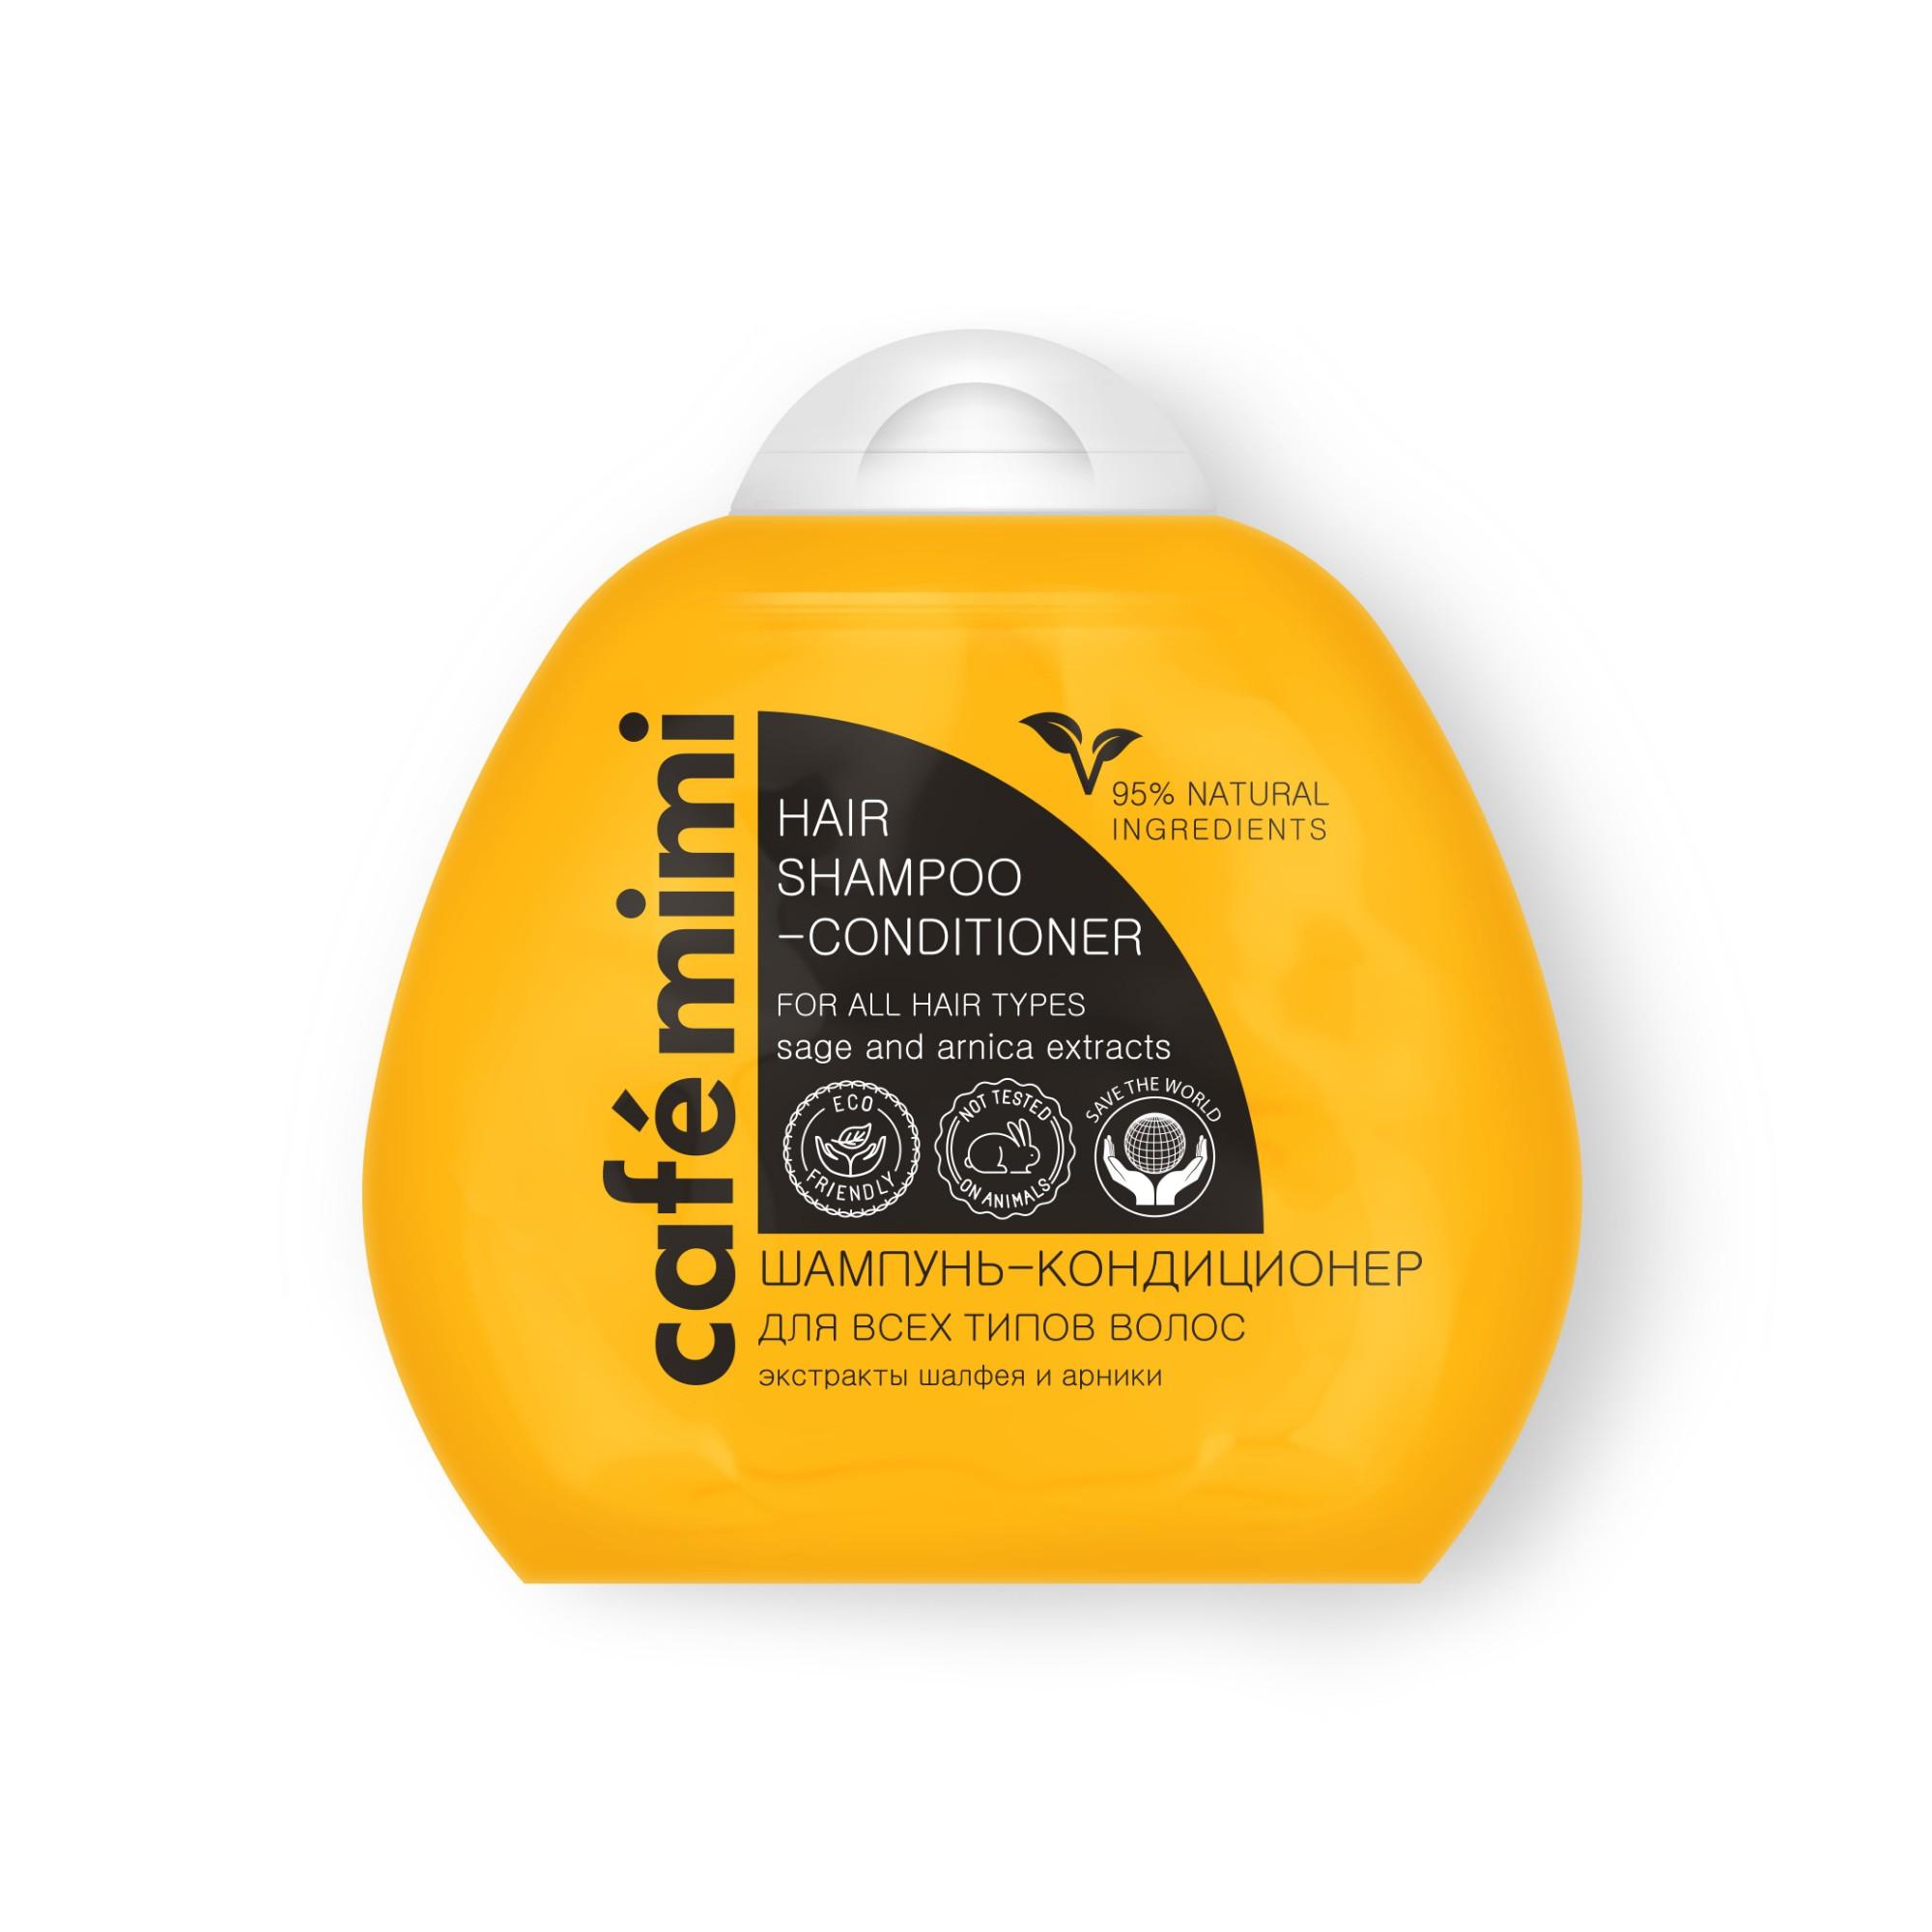 Šampūnas-kondicionierius CAFĖ MIMI visų tipų plaukams su šalavijų ir arnikos ekstraktais, 100 ml